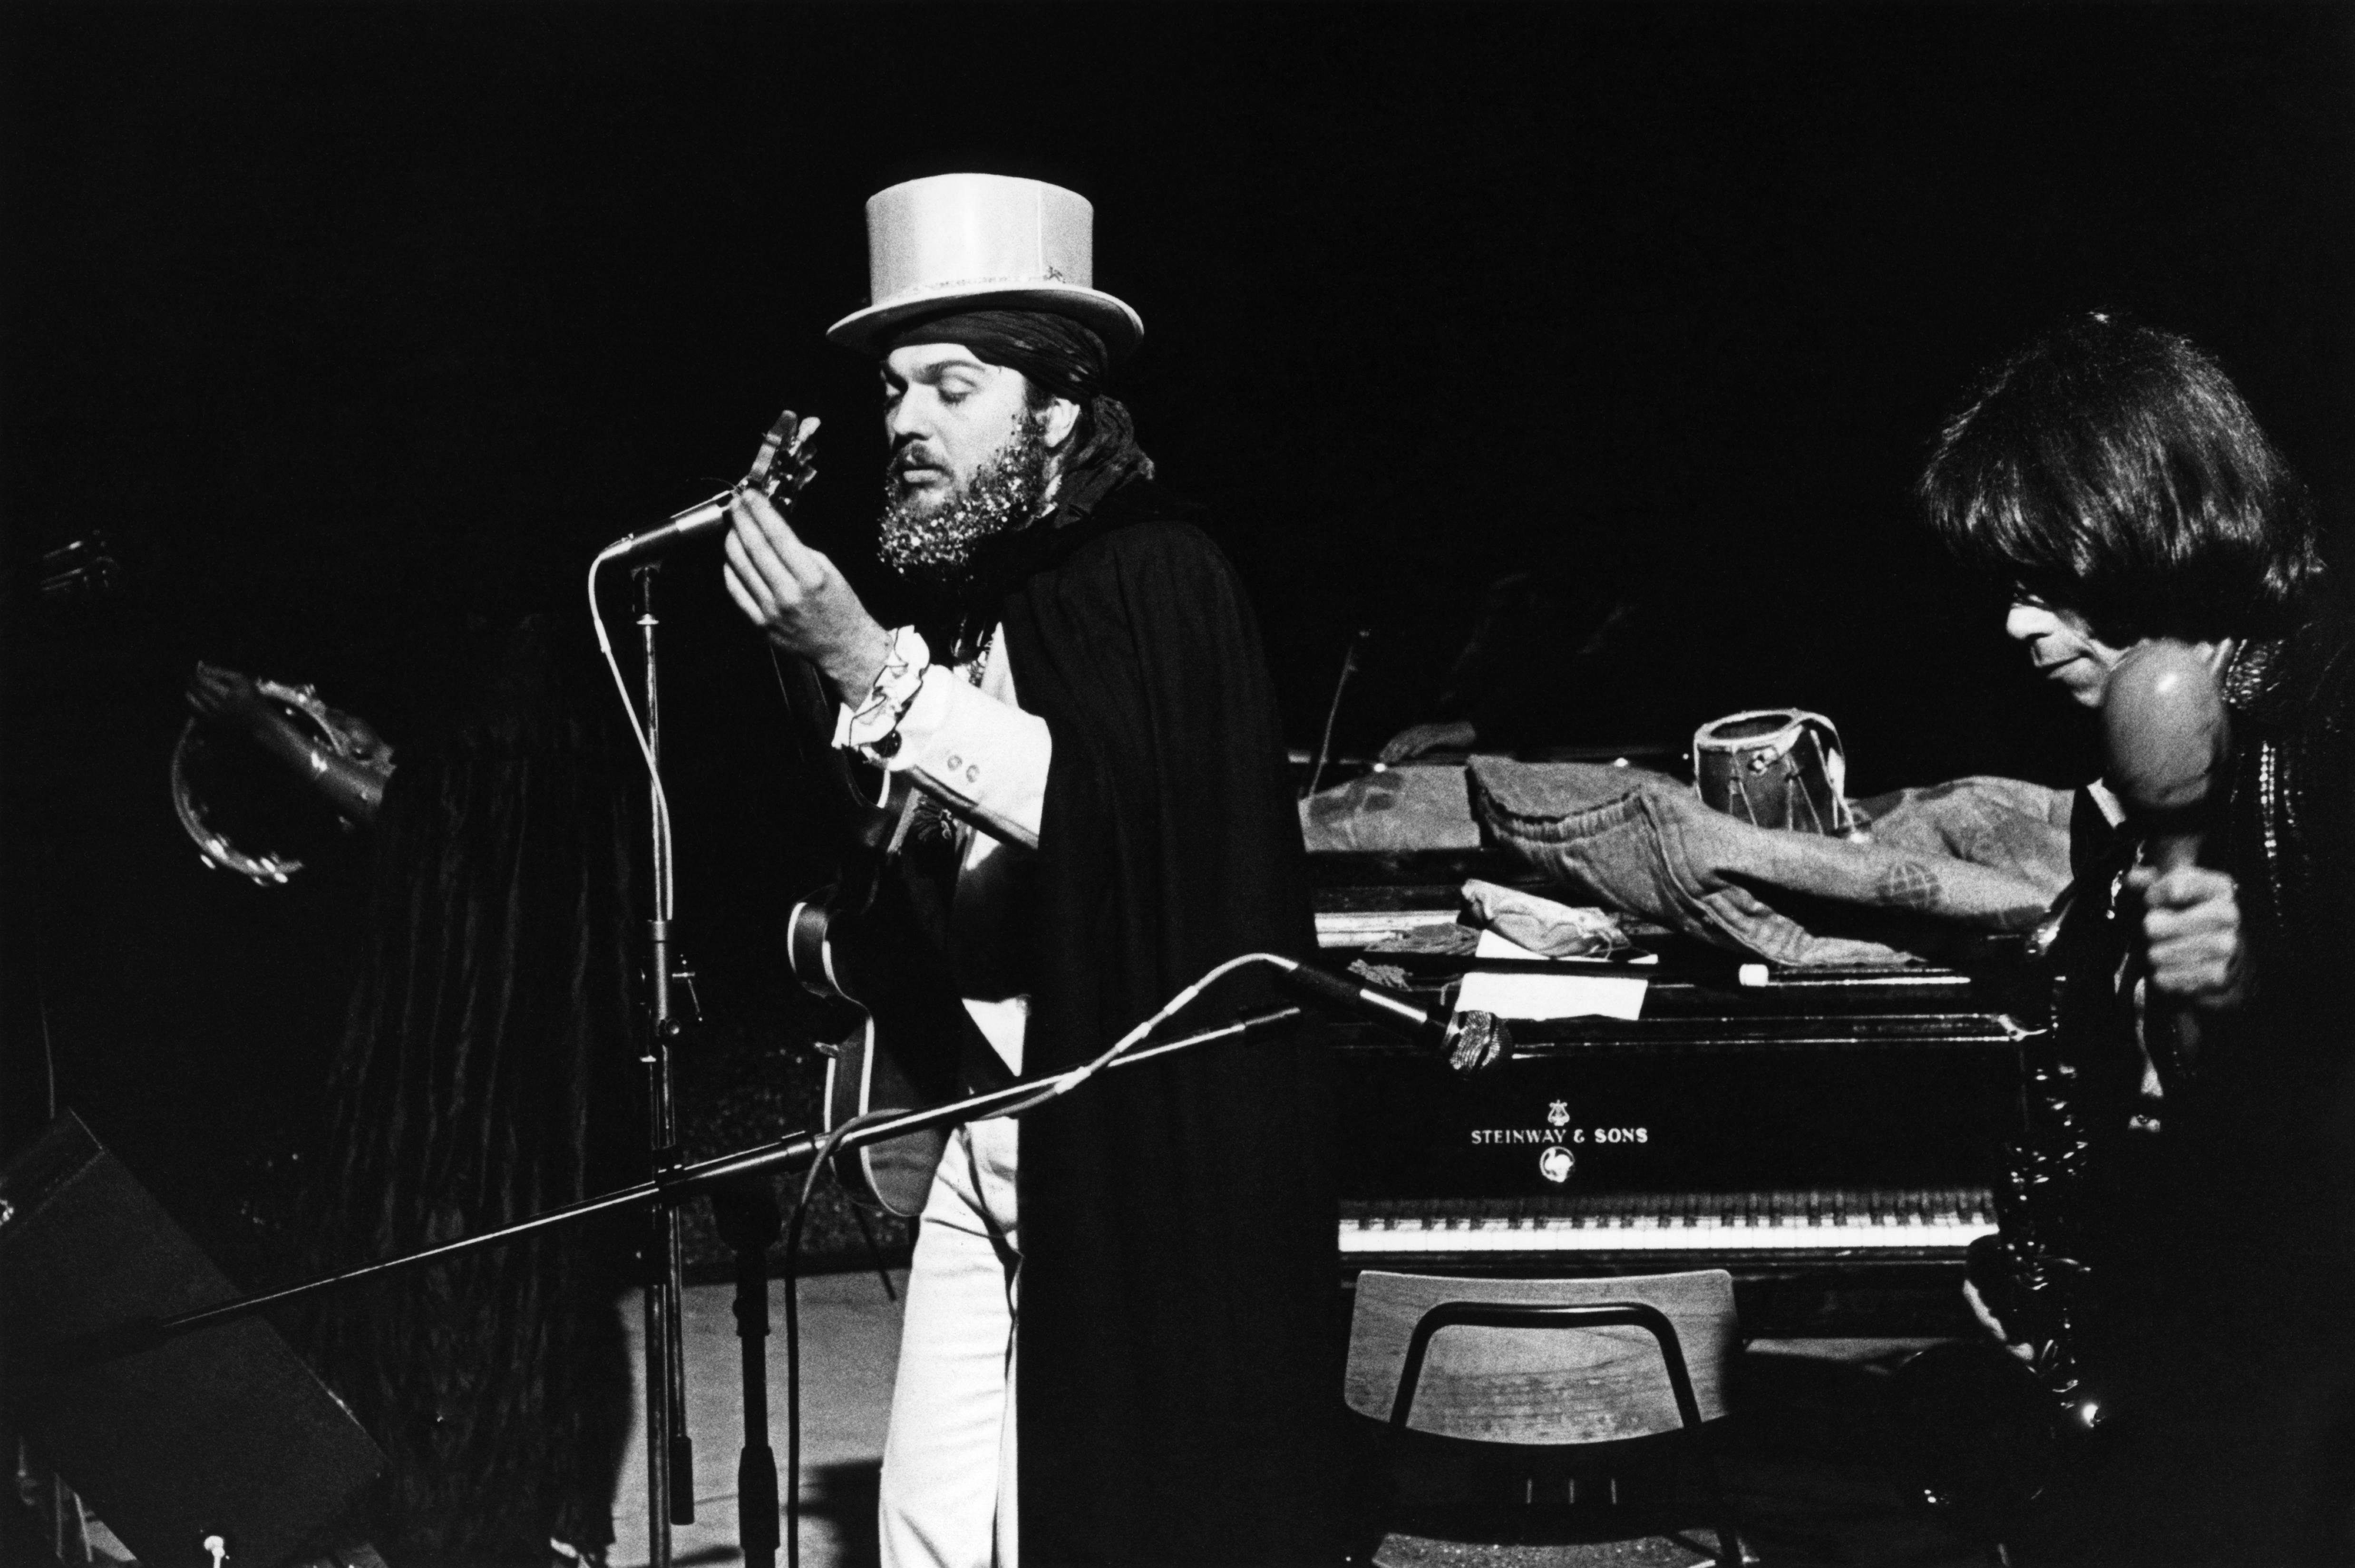 Dr. John in 1972